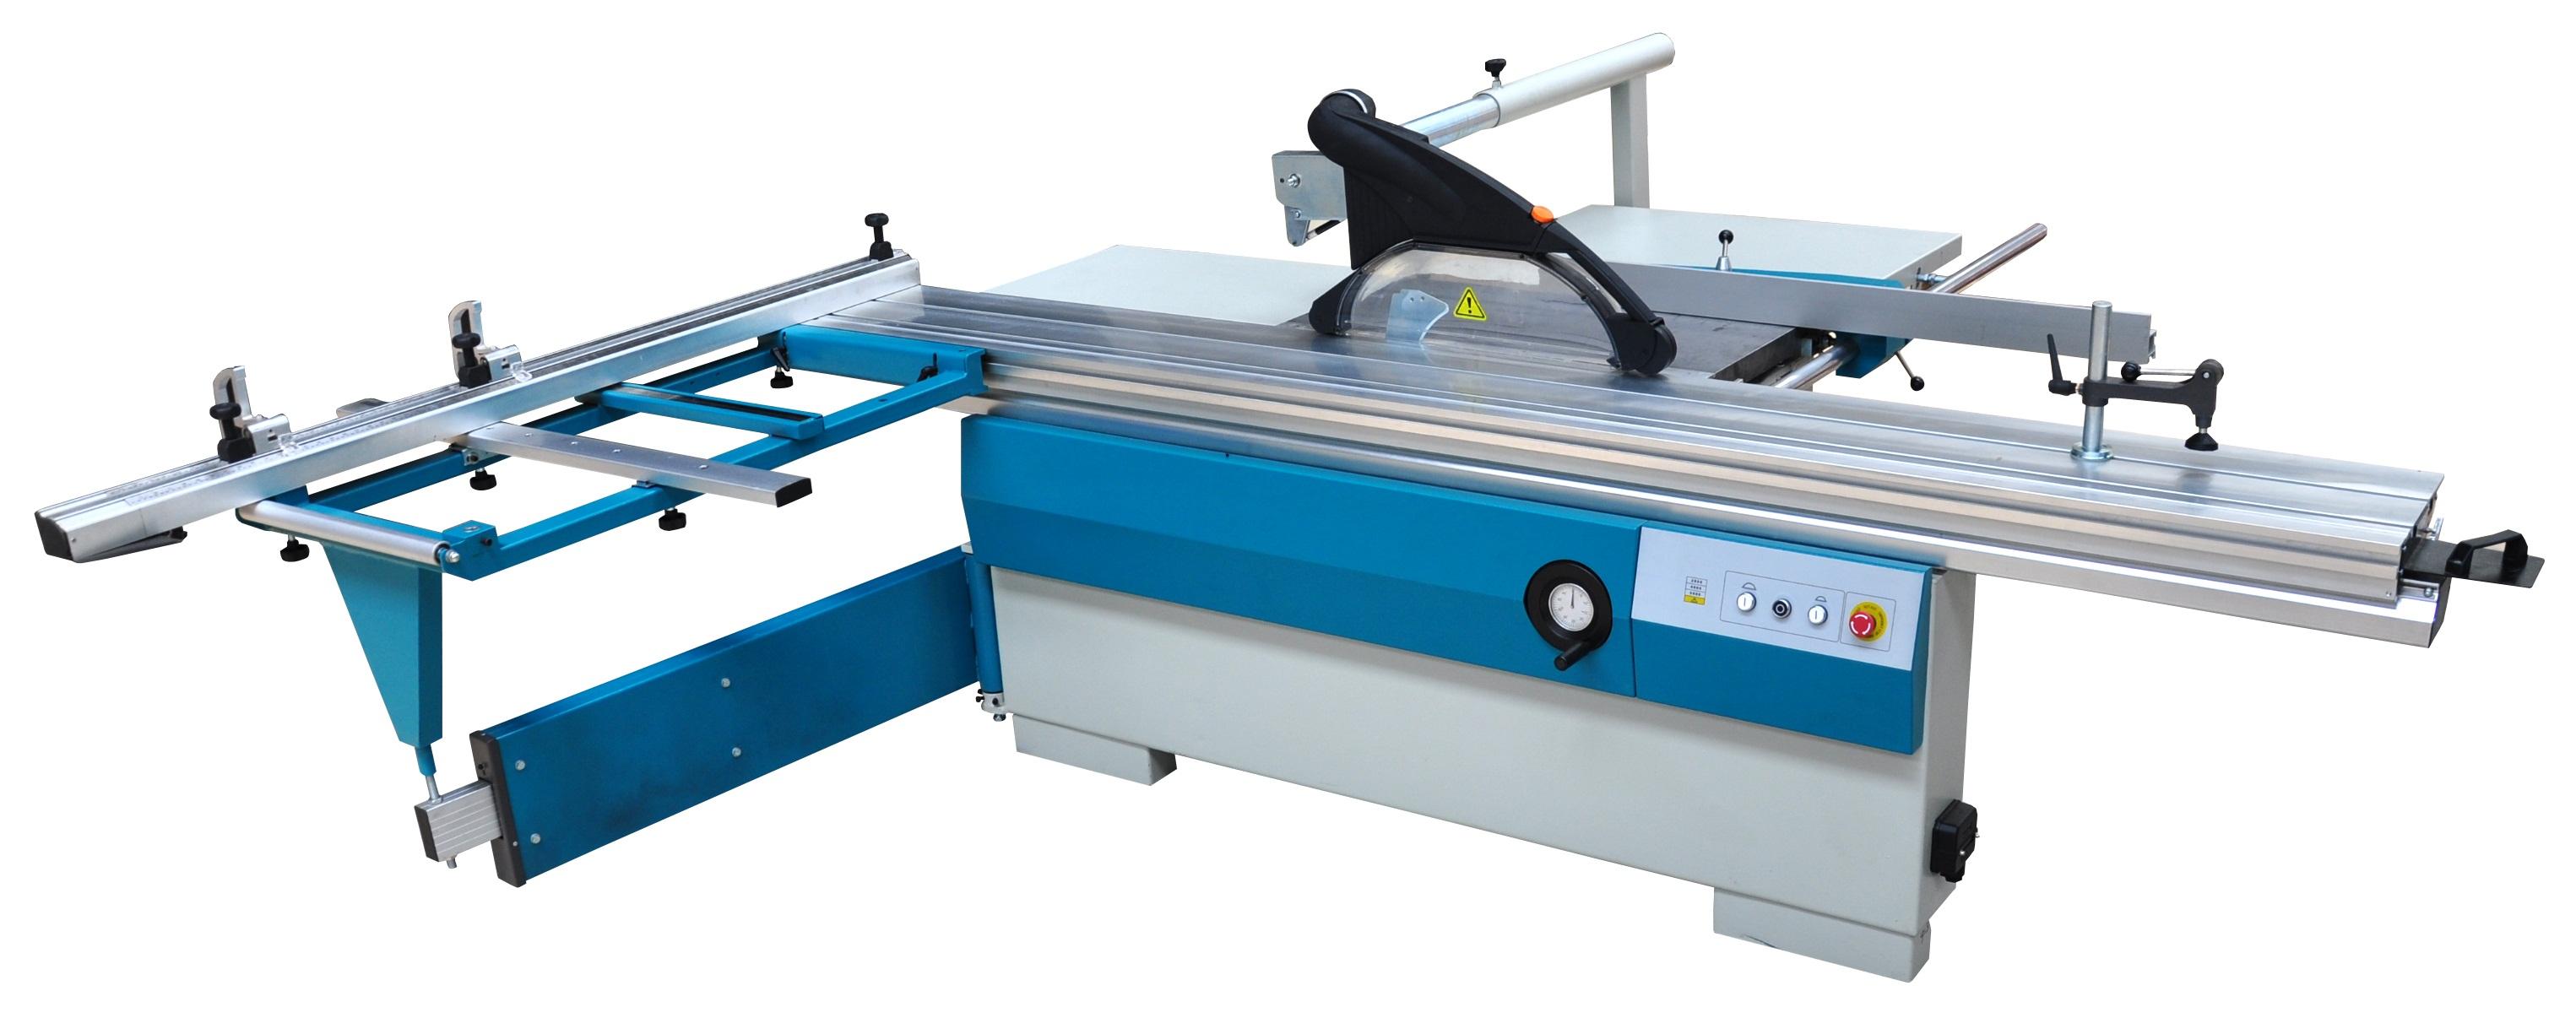 Другое оборудование для производства мебели 1.